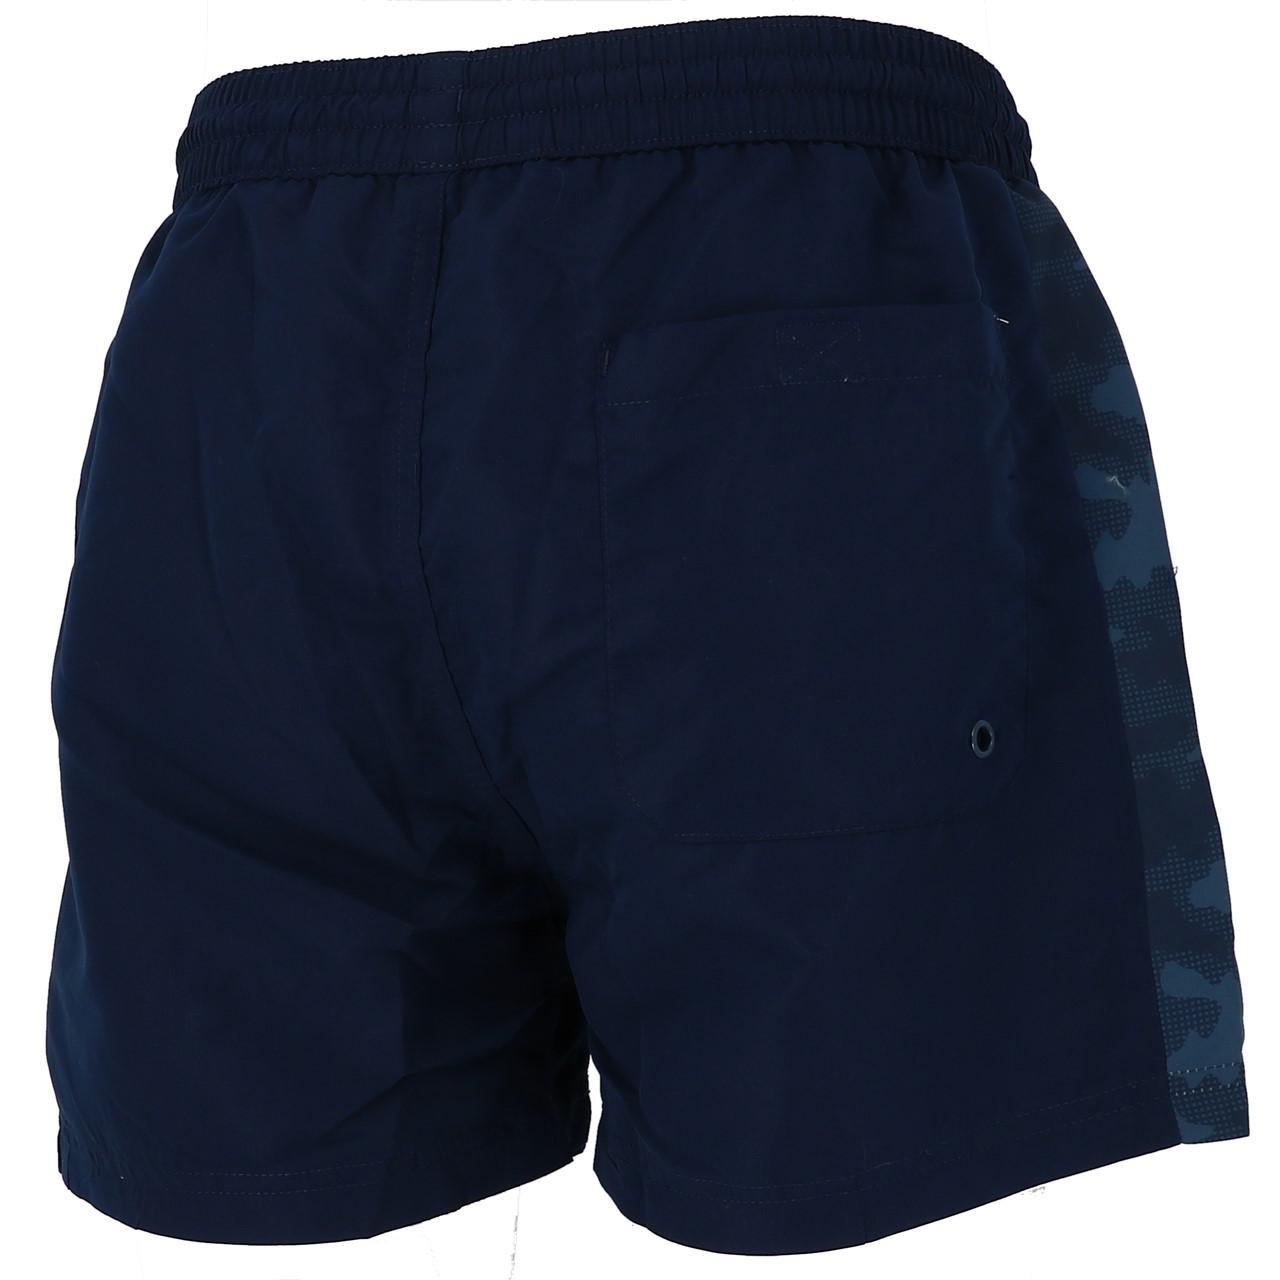 Short-de-bain-Kappa-Gweno-short-de-bain-Bleu-57515-Neuf miniature 5